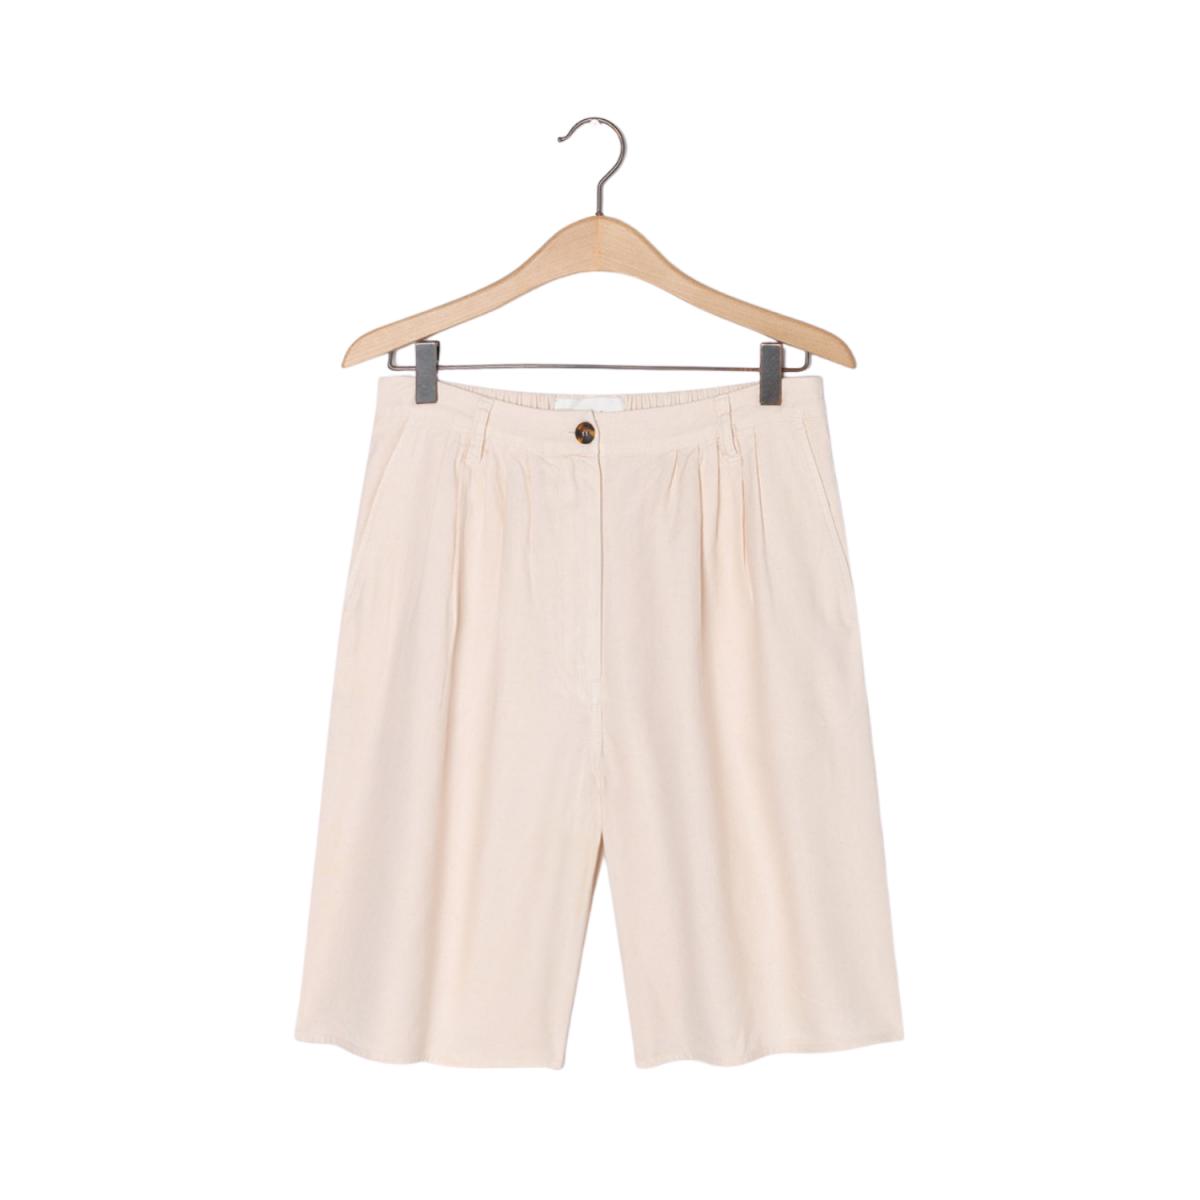 kunatata shorts - dove